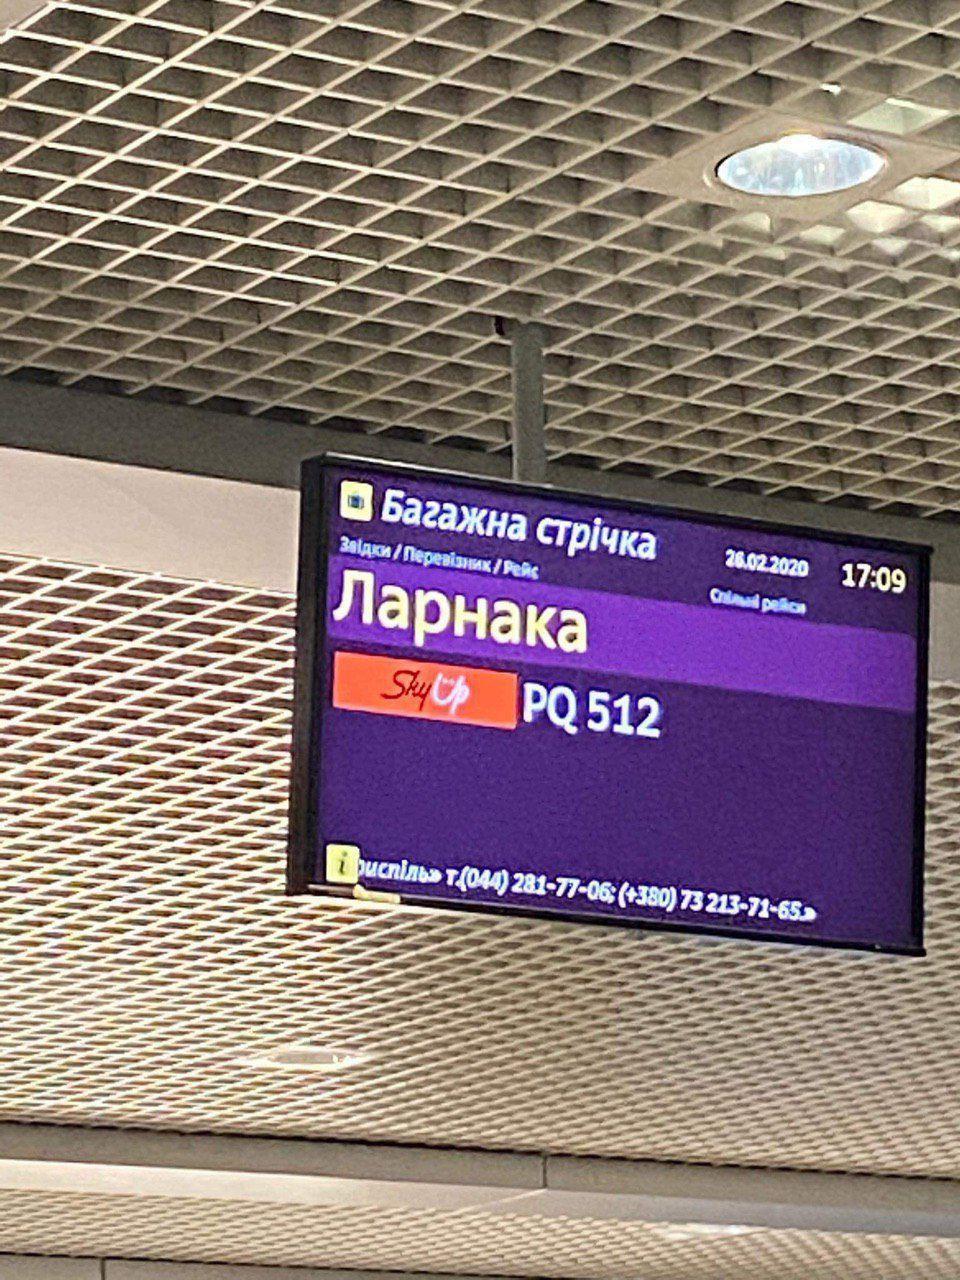 Арахамію засікли в поїздці на Кіпр